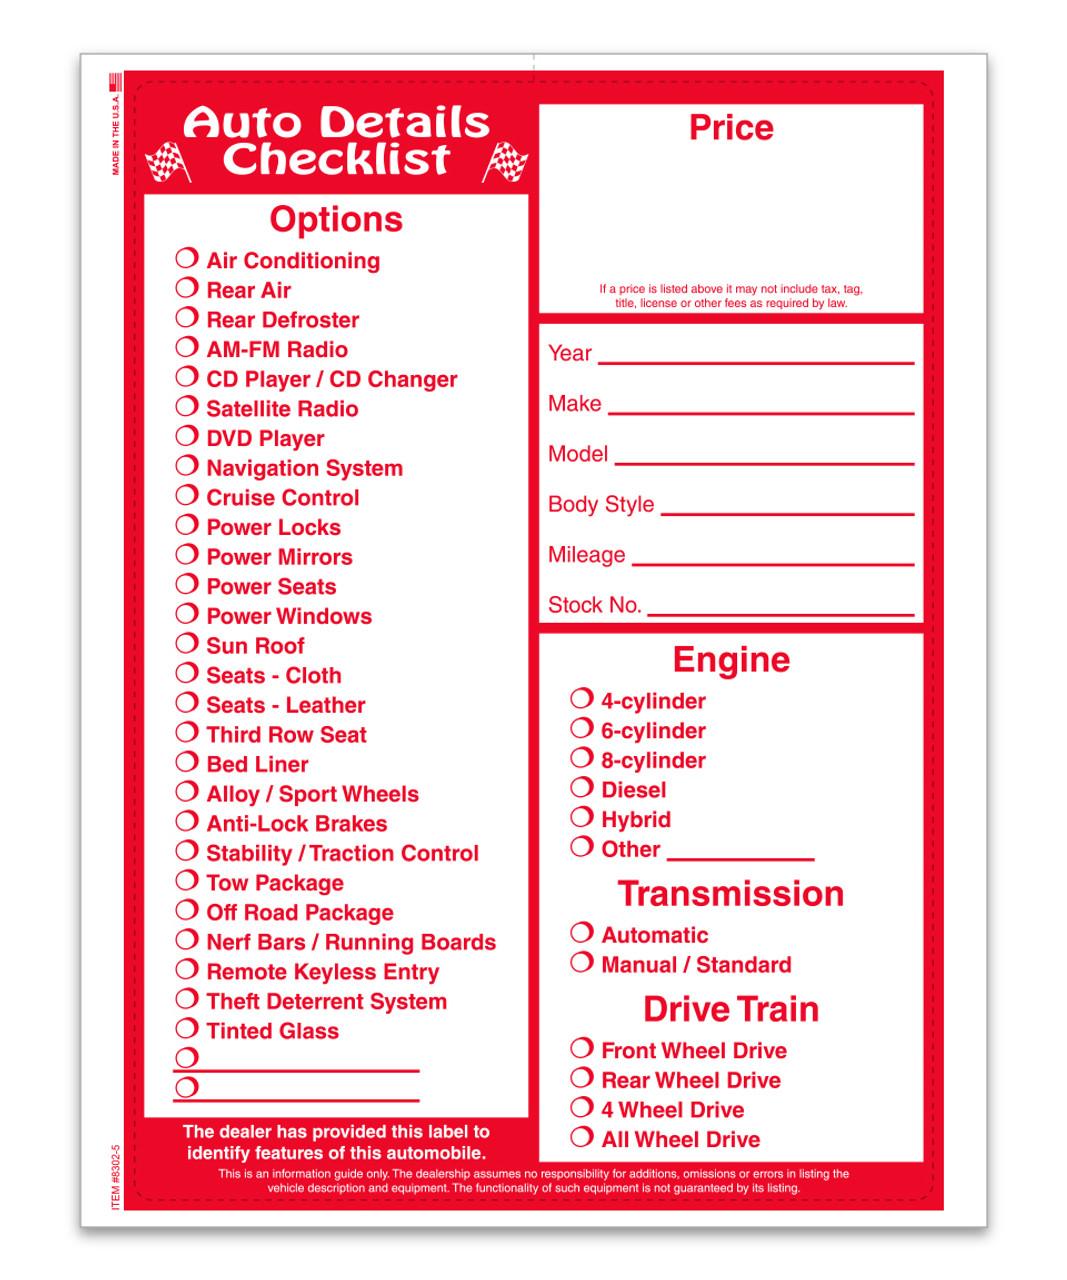 Large Addendum - Auto Deal Checklist